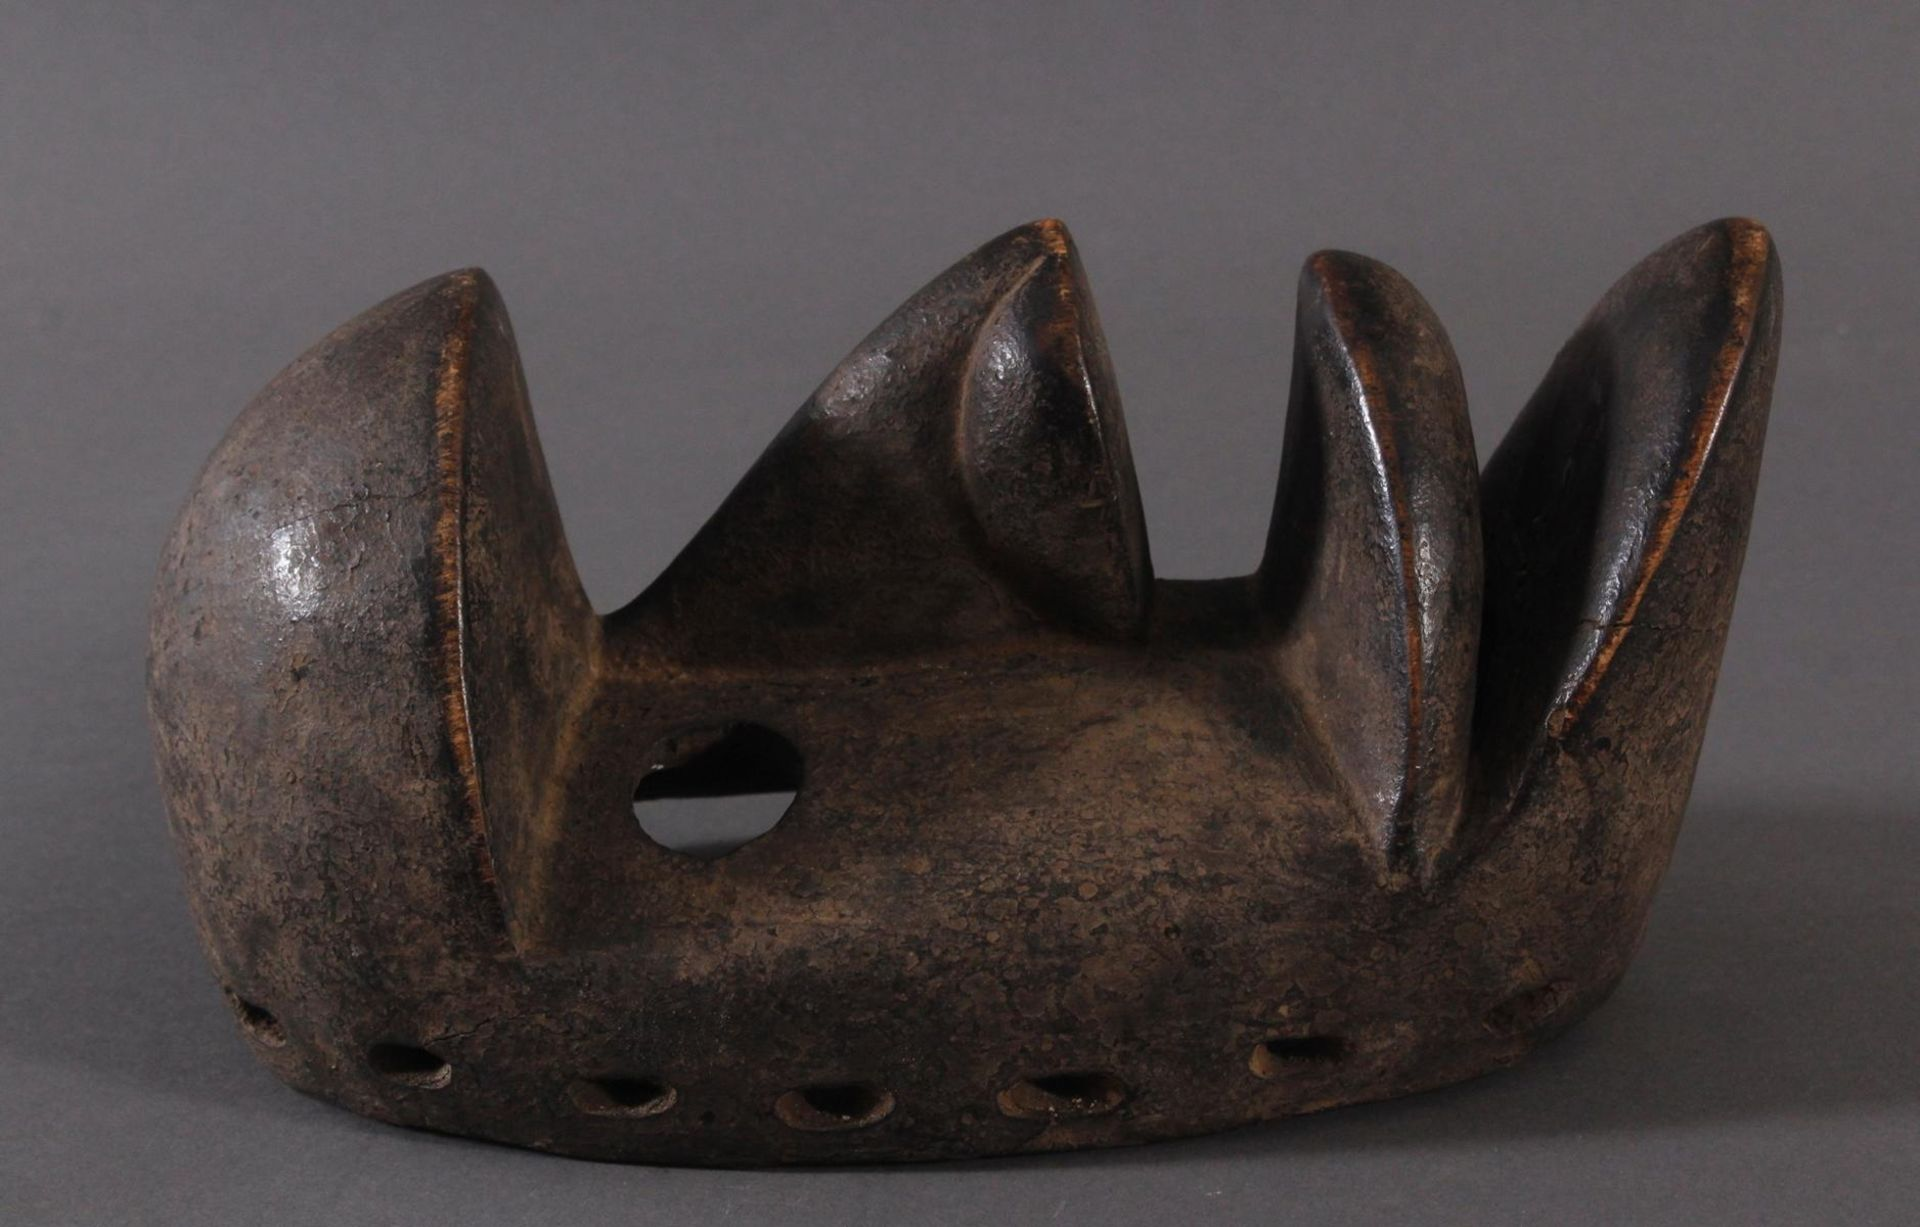 Antike Maske der Dan-Kran, Elfenbeinküste 1. Hälfte 20. Jh.Holz geschnitzt, dunkle Patina ,nach - Bild 2 aus 6